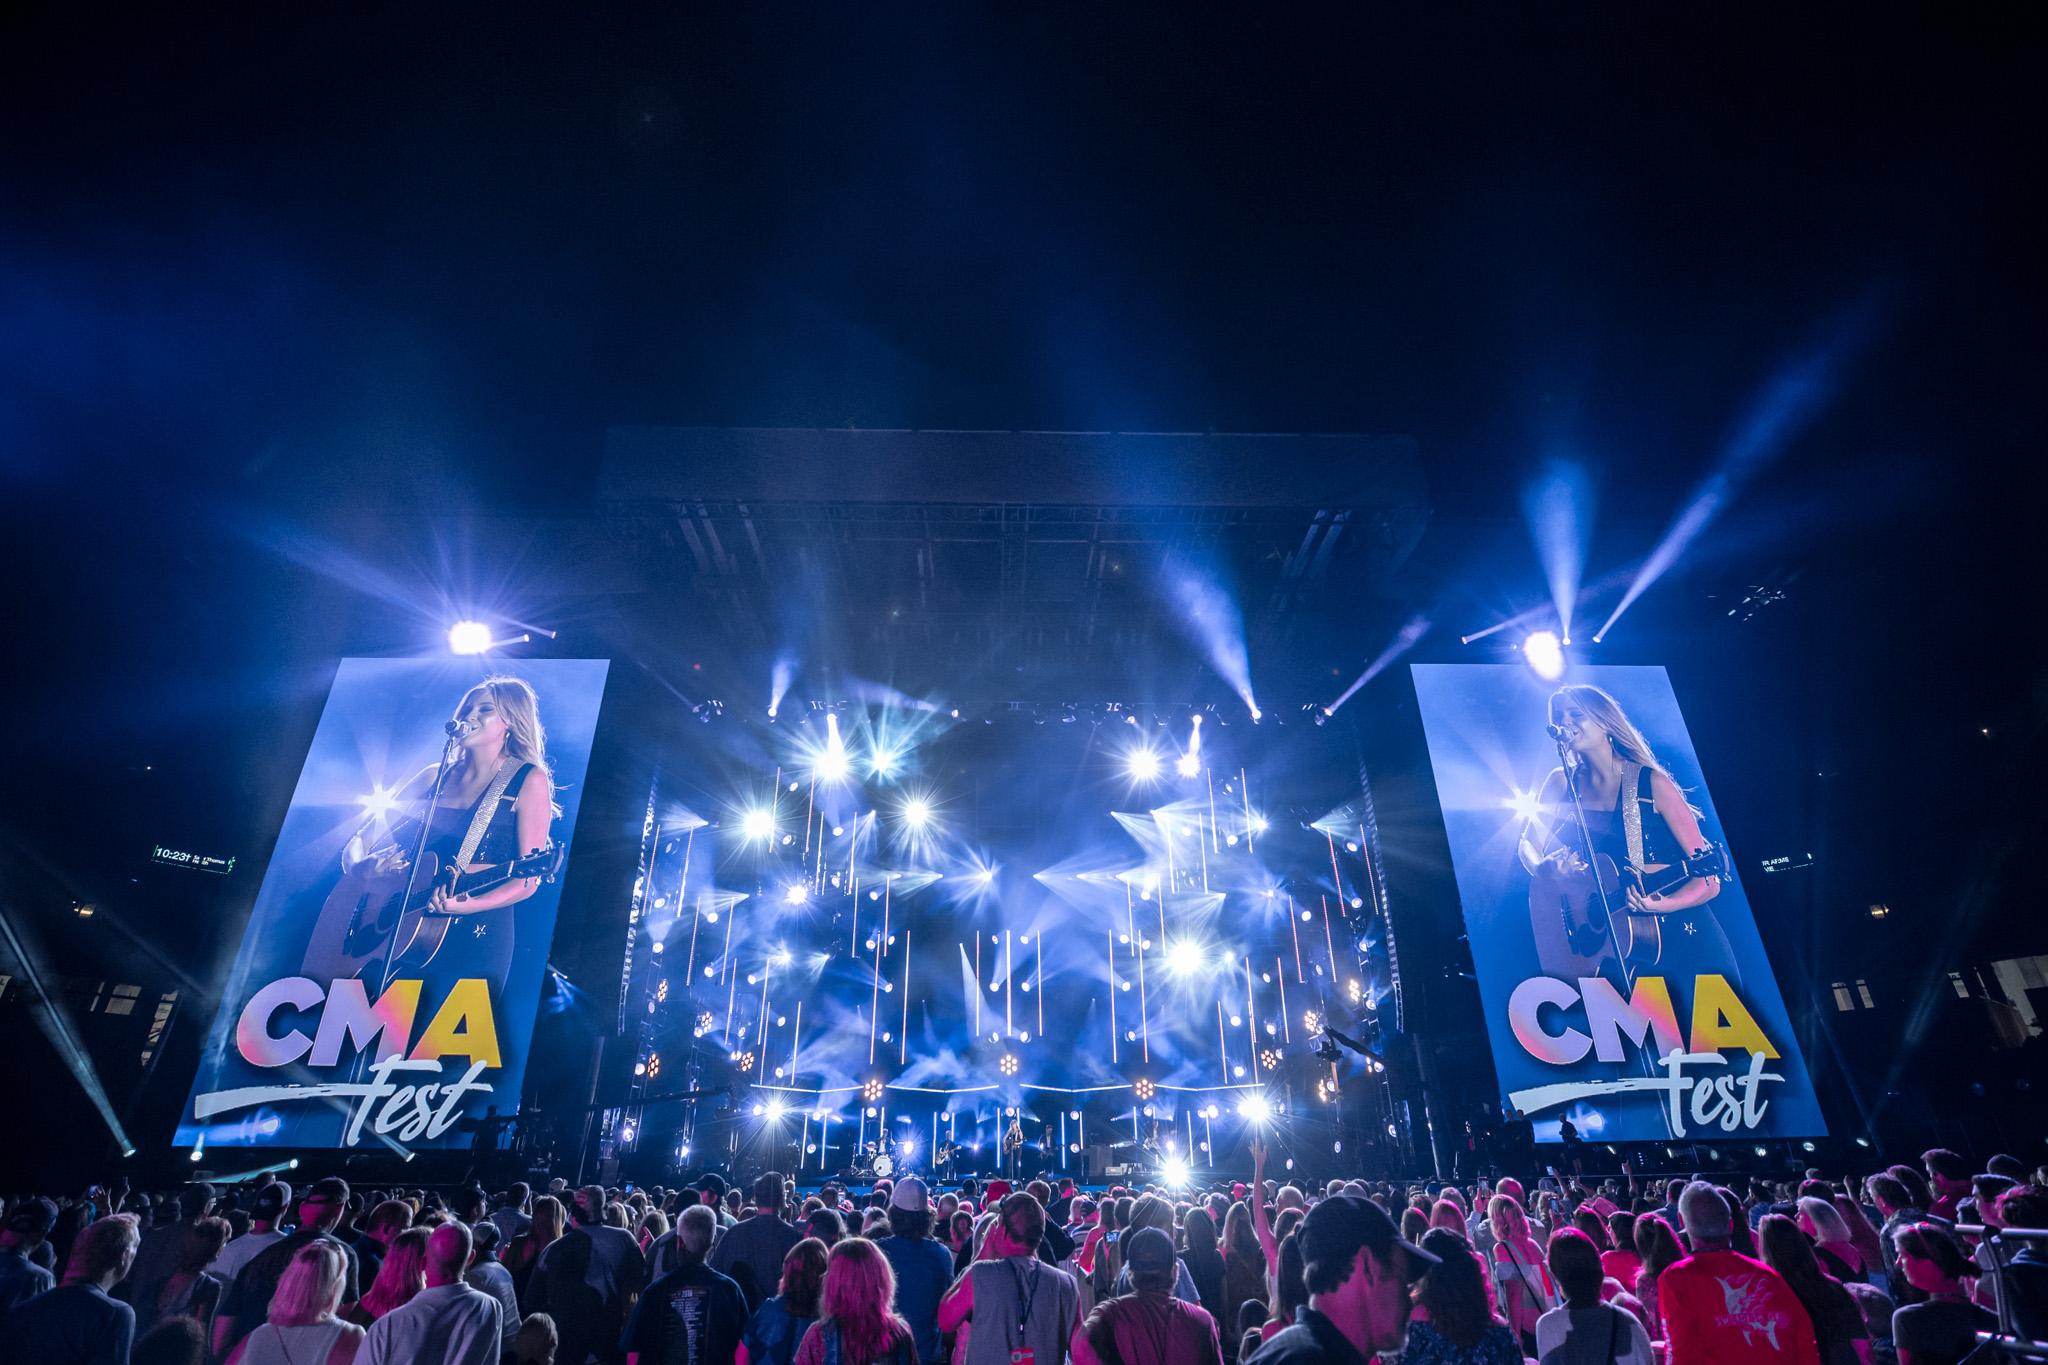 na06082017-CMA Fest Night 248.jpg